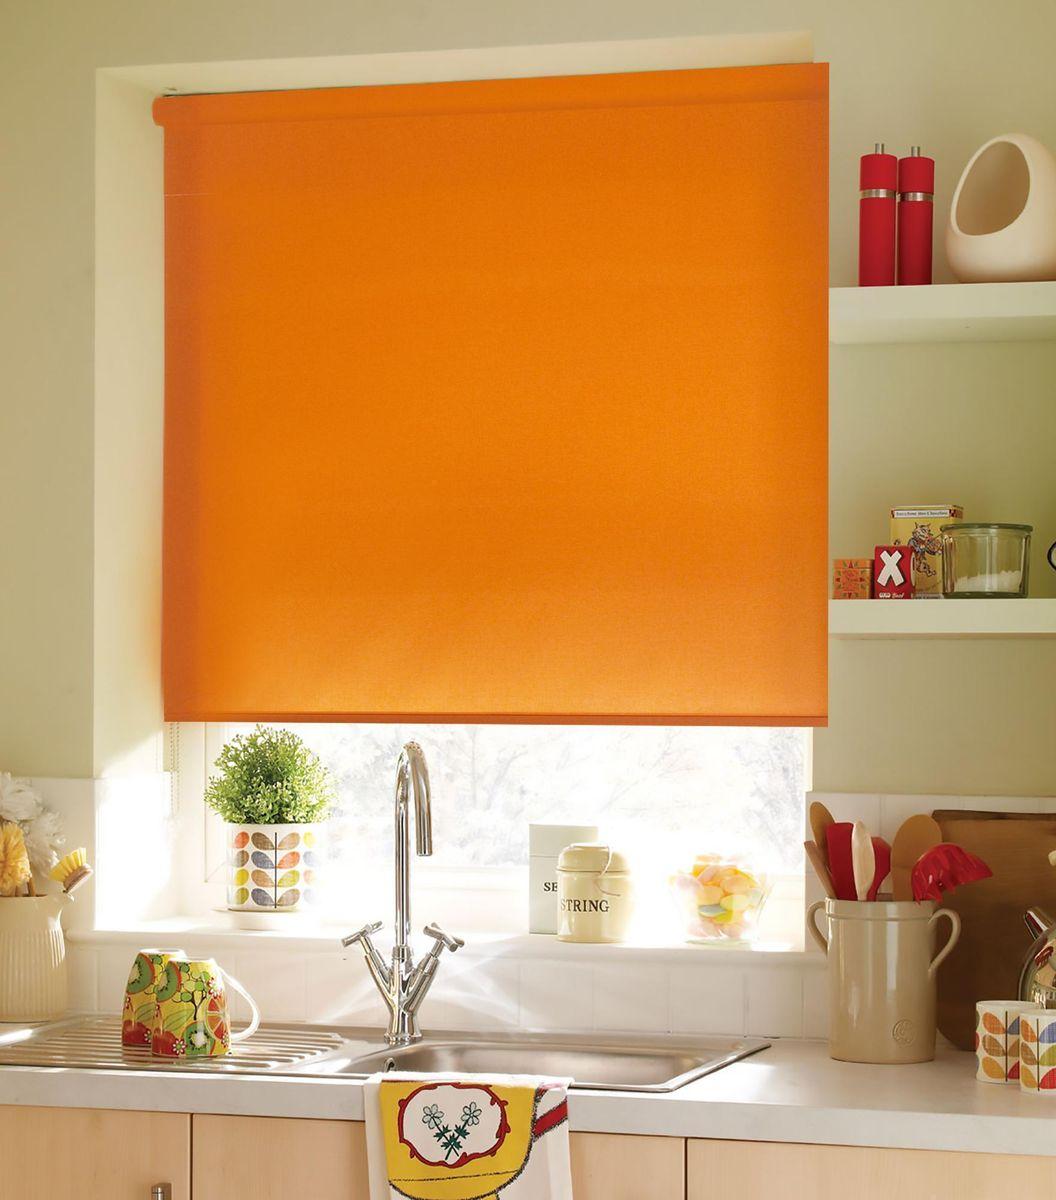 Штора рулонная Эскар, цвет: апельсиновый, ширина 150 см, высота 170 см81203150170Рулонными шторами можно оформлять окна как самостоятельно, так и использовать в комбинации с портьерами. Это поможет предотвратить выгорание дорогой ткани на солнце и соединит функционал рулонных с красотой навесных. Преимущества применения рулонных штор для пластиковых окон: - имеют прекрасный внешний вид: многообразие и фактурность материала изделия отлично смотрятся в любом интерьере; - многофункциональны: есть возможность подобрать шторы способные эффективно защитить комнату от солнца, при этом она не будет слишком темной. - Есть возможность осуществить быстрый монтаж. ВНИМАНИЕ! Размеры ширины изделия указаны по ширине ткани! Во время эксплуатации не рекомендуется полностью разматывать рулон, чтобы не оторвать ткань от намоточного вала. В случае загрязнения поверхности ткани, чистку шторы проводят одним из способов, в зависимости от типа загрязнения: легкое поверхностное загрязнение можно удалить при помощи канцелярского ластика; чистка от пыли производится сухим методом при...